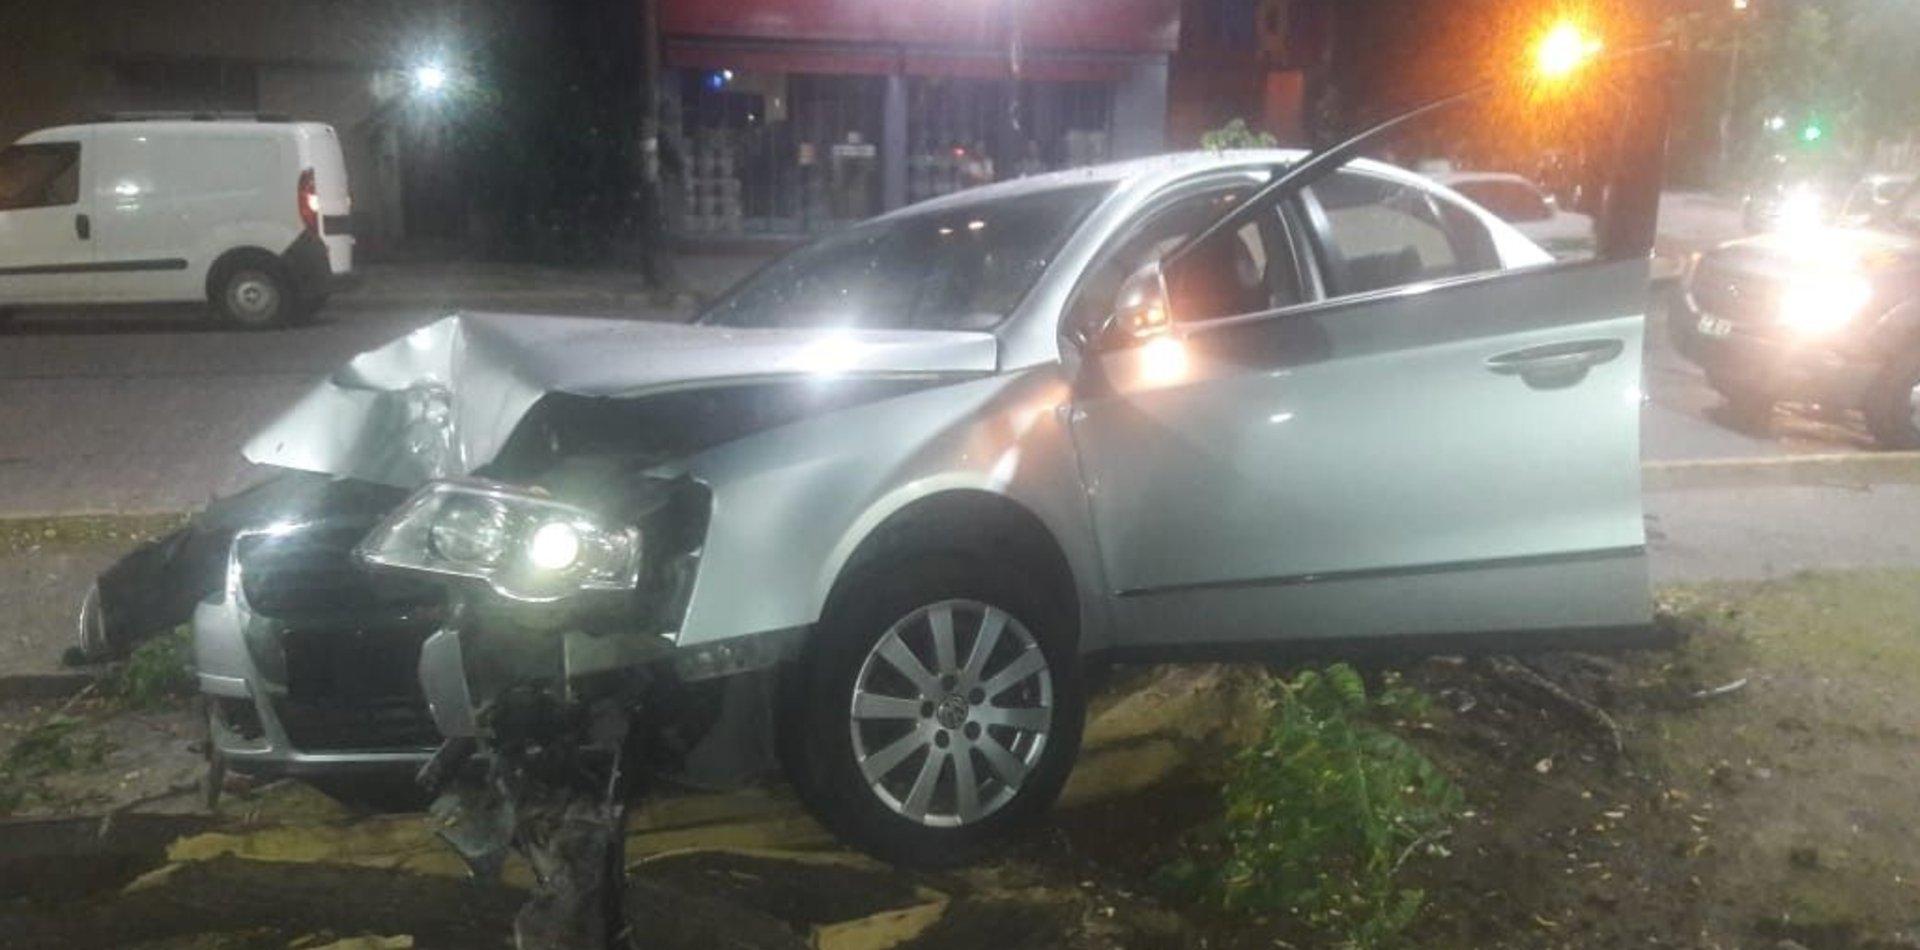 Choque y milagro en La Plata: se subió a la vereda y lo frenó un árbol